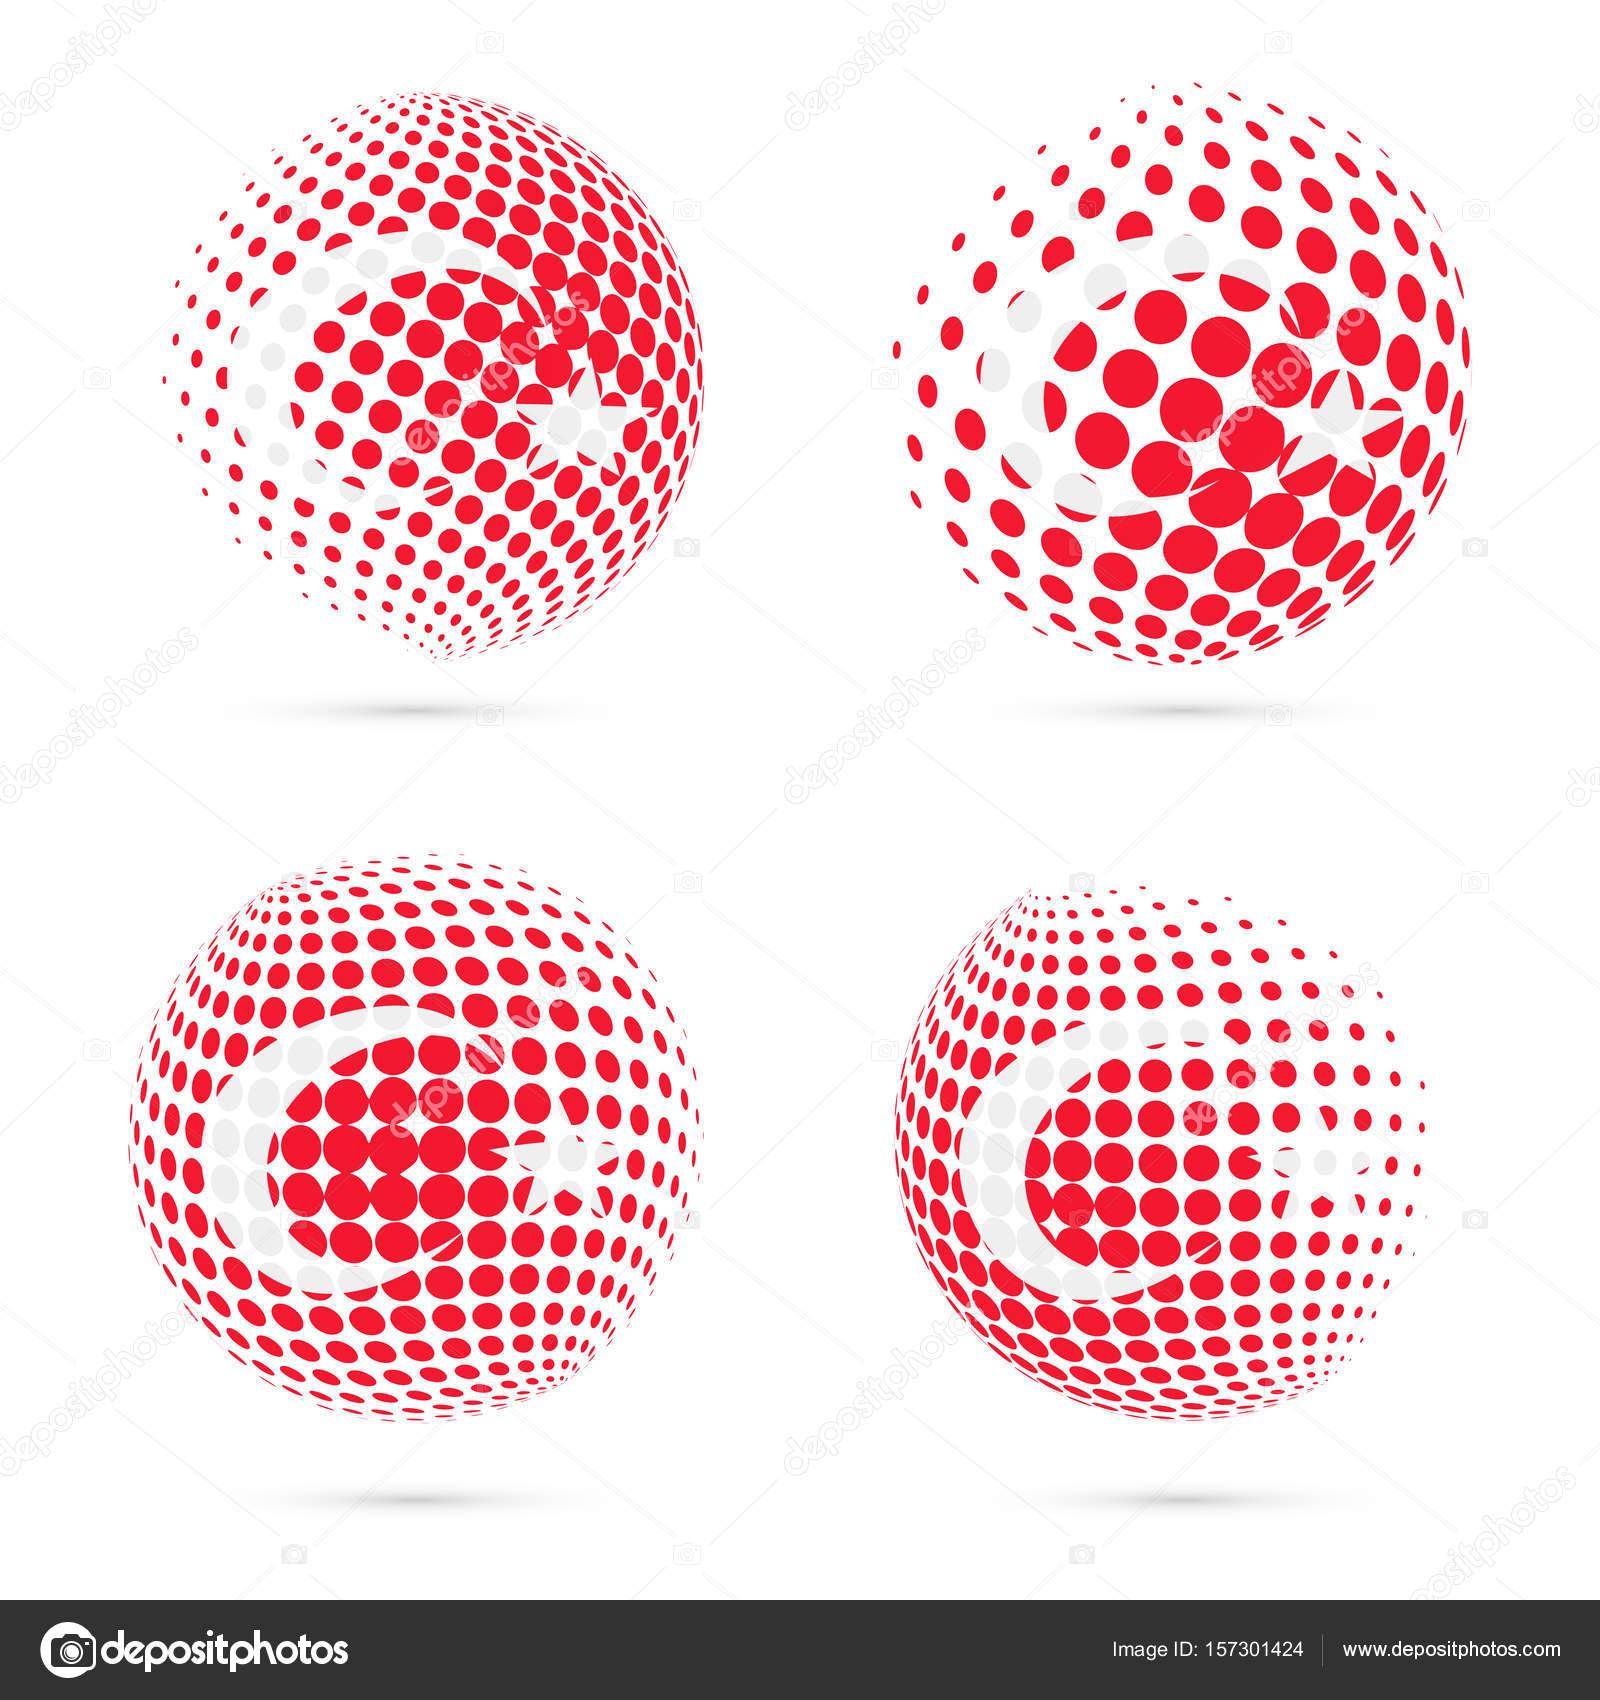 Ziemlich Türkei Färbung Blatt Fotos - Malvorlagen Ideen - blogsbr.info